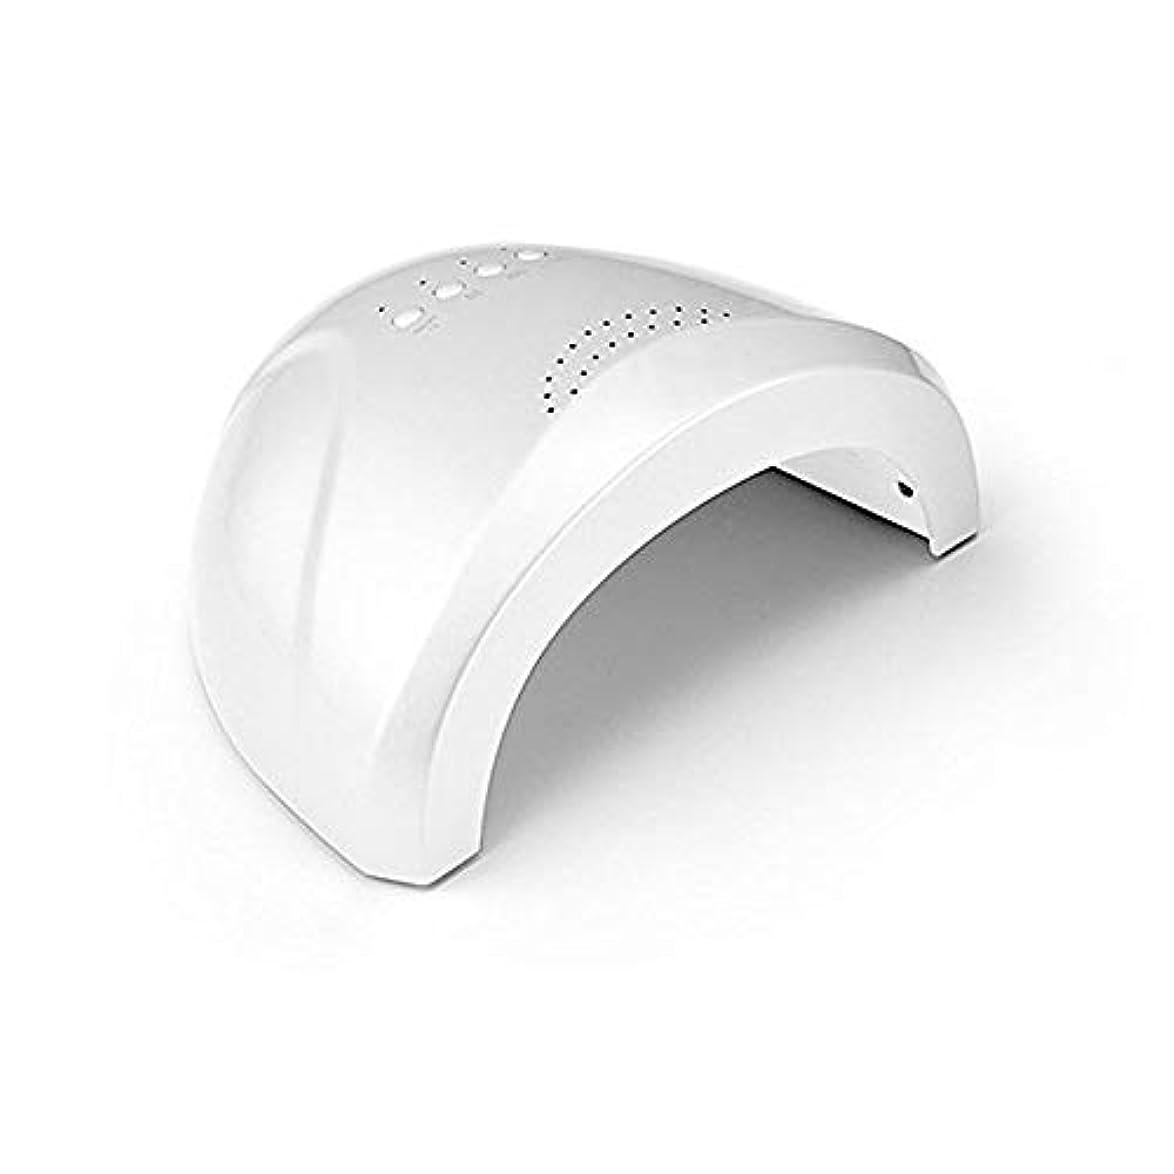 おしゃれな注文クレアLED UVネイルドライヤーホワイトライトネイルランプ高速硬化3タイマー設定5 s / 30 s / 60 s爪&足の爪のネイルアートサロンツールの自動センサーマシン